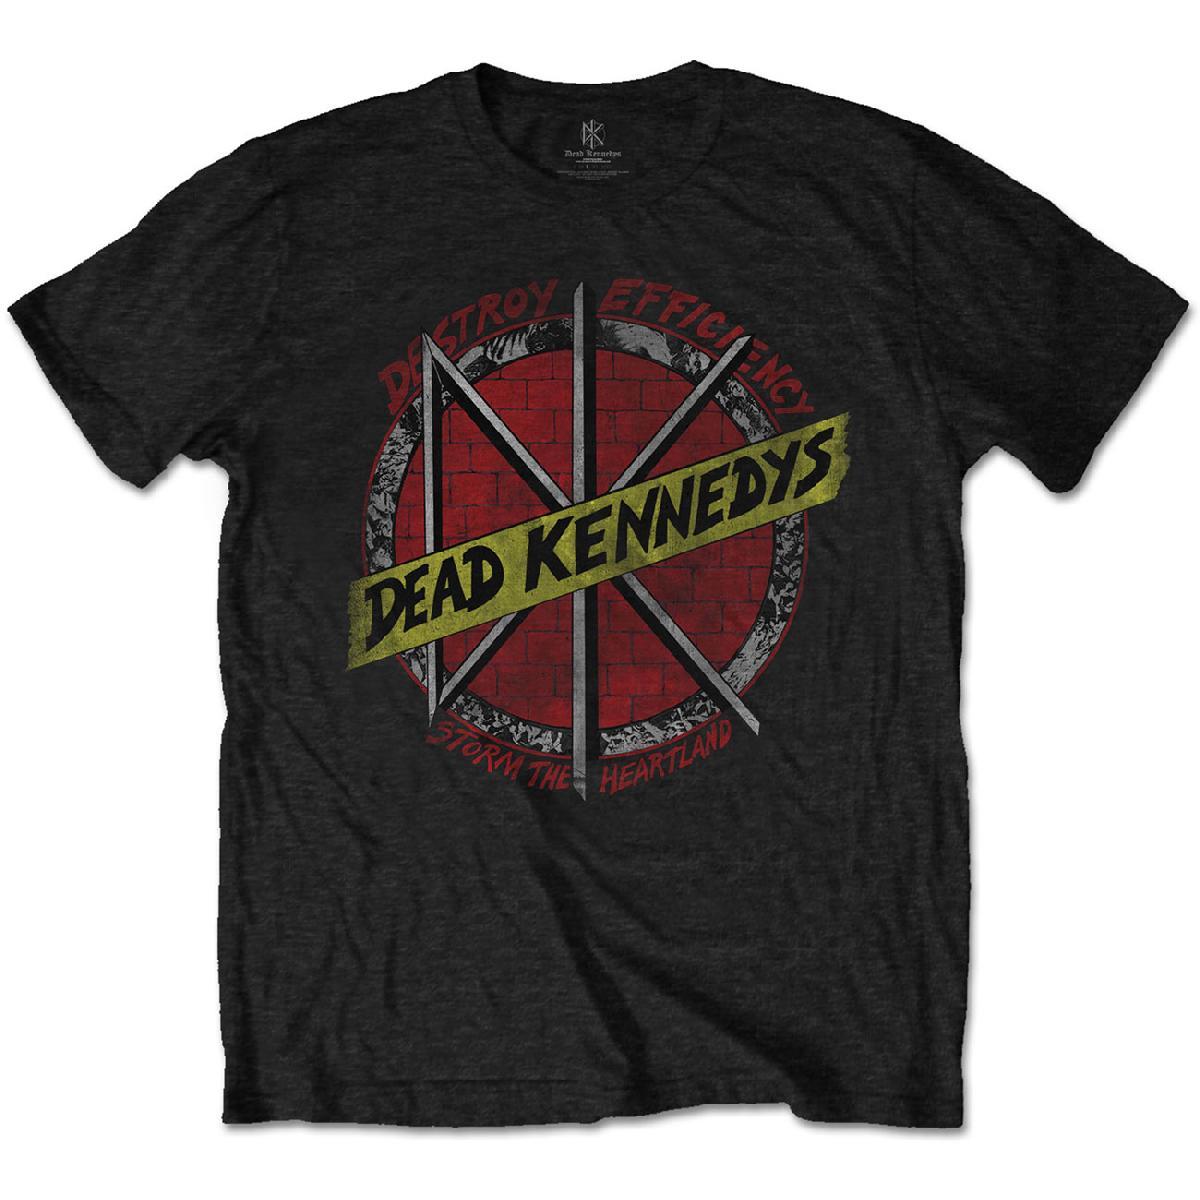 DEAD KENNEDYS Destroy